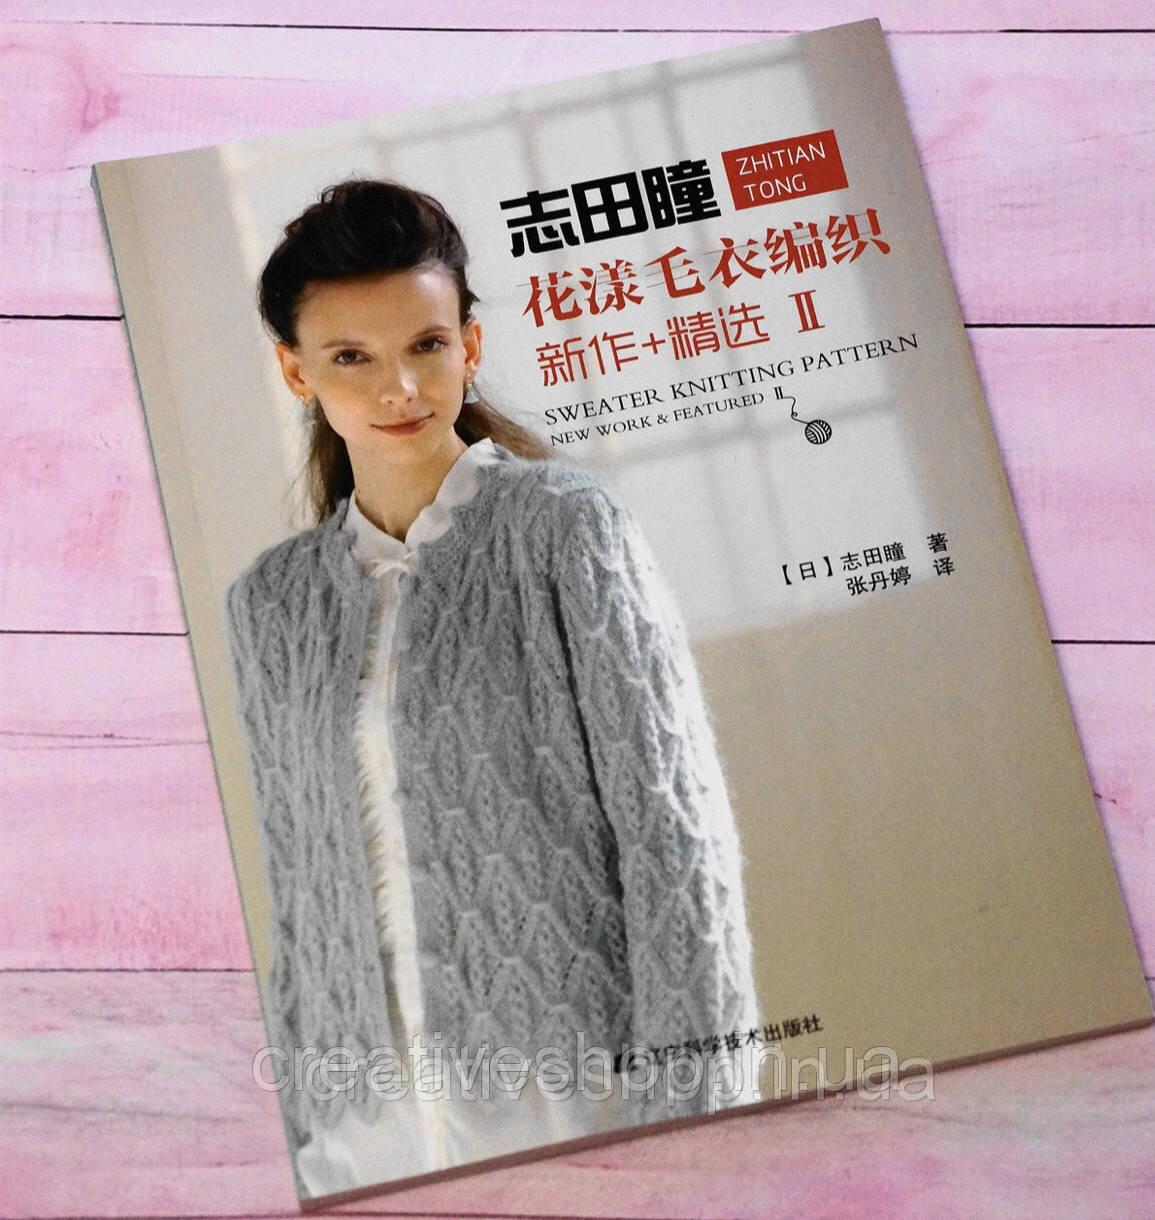 японский журнал по вязанию модели Ii продажа цена в одессе